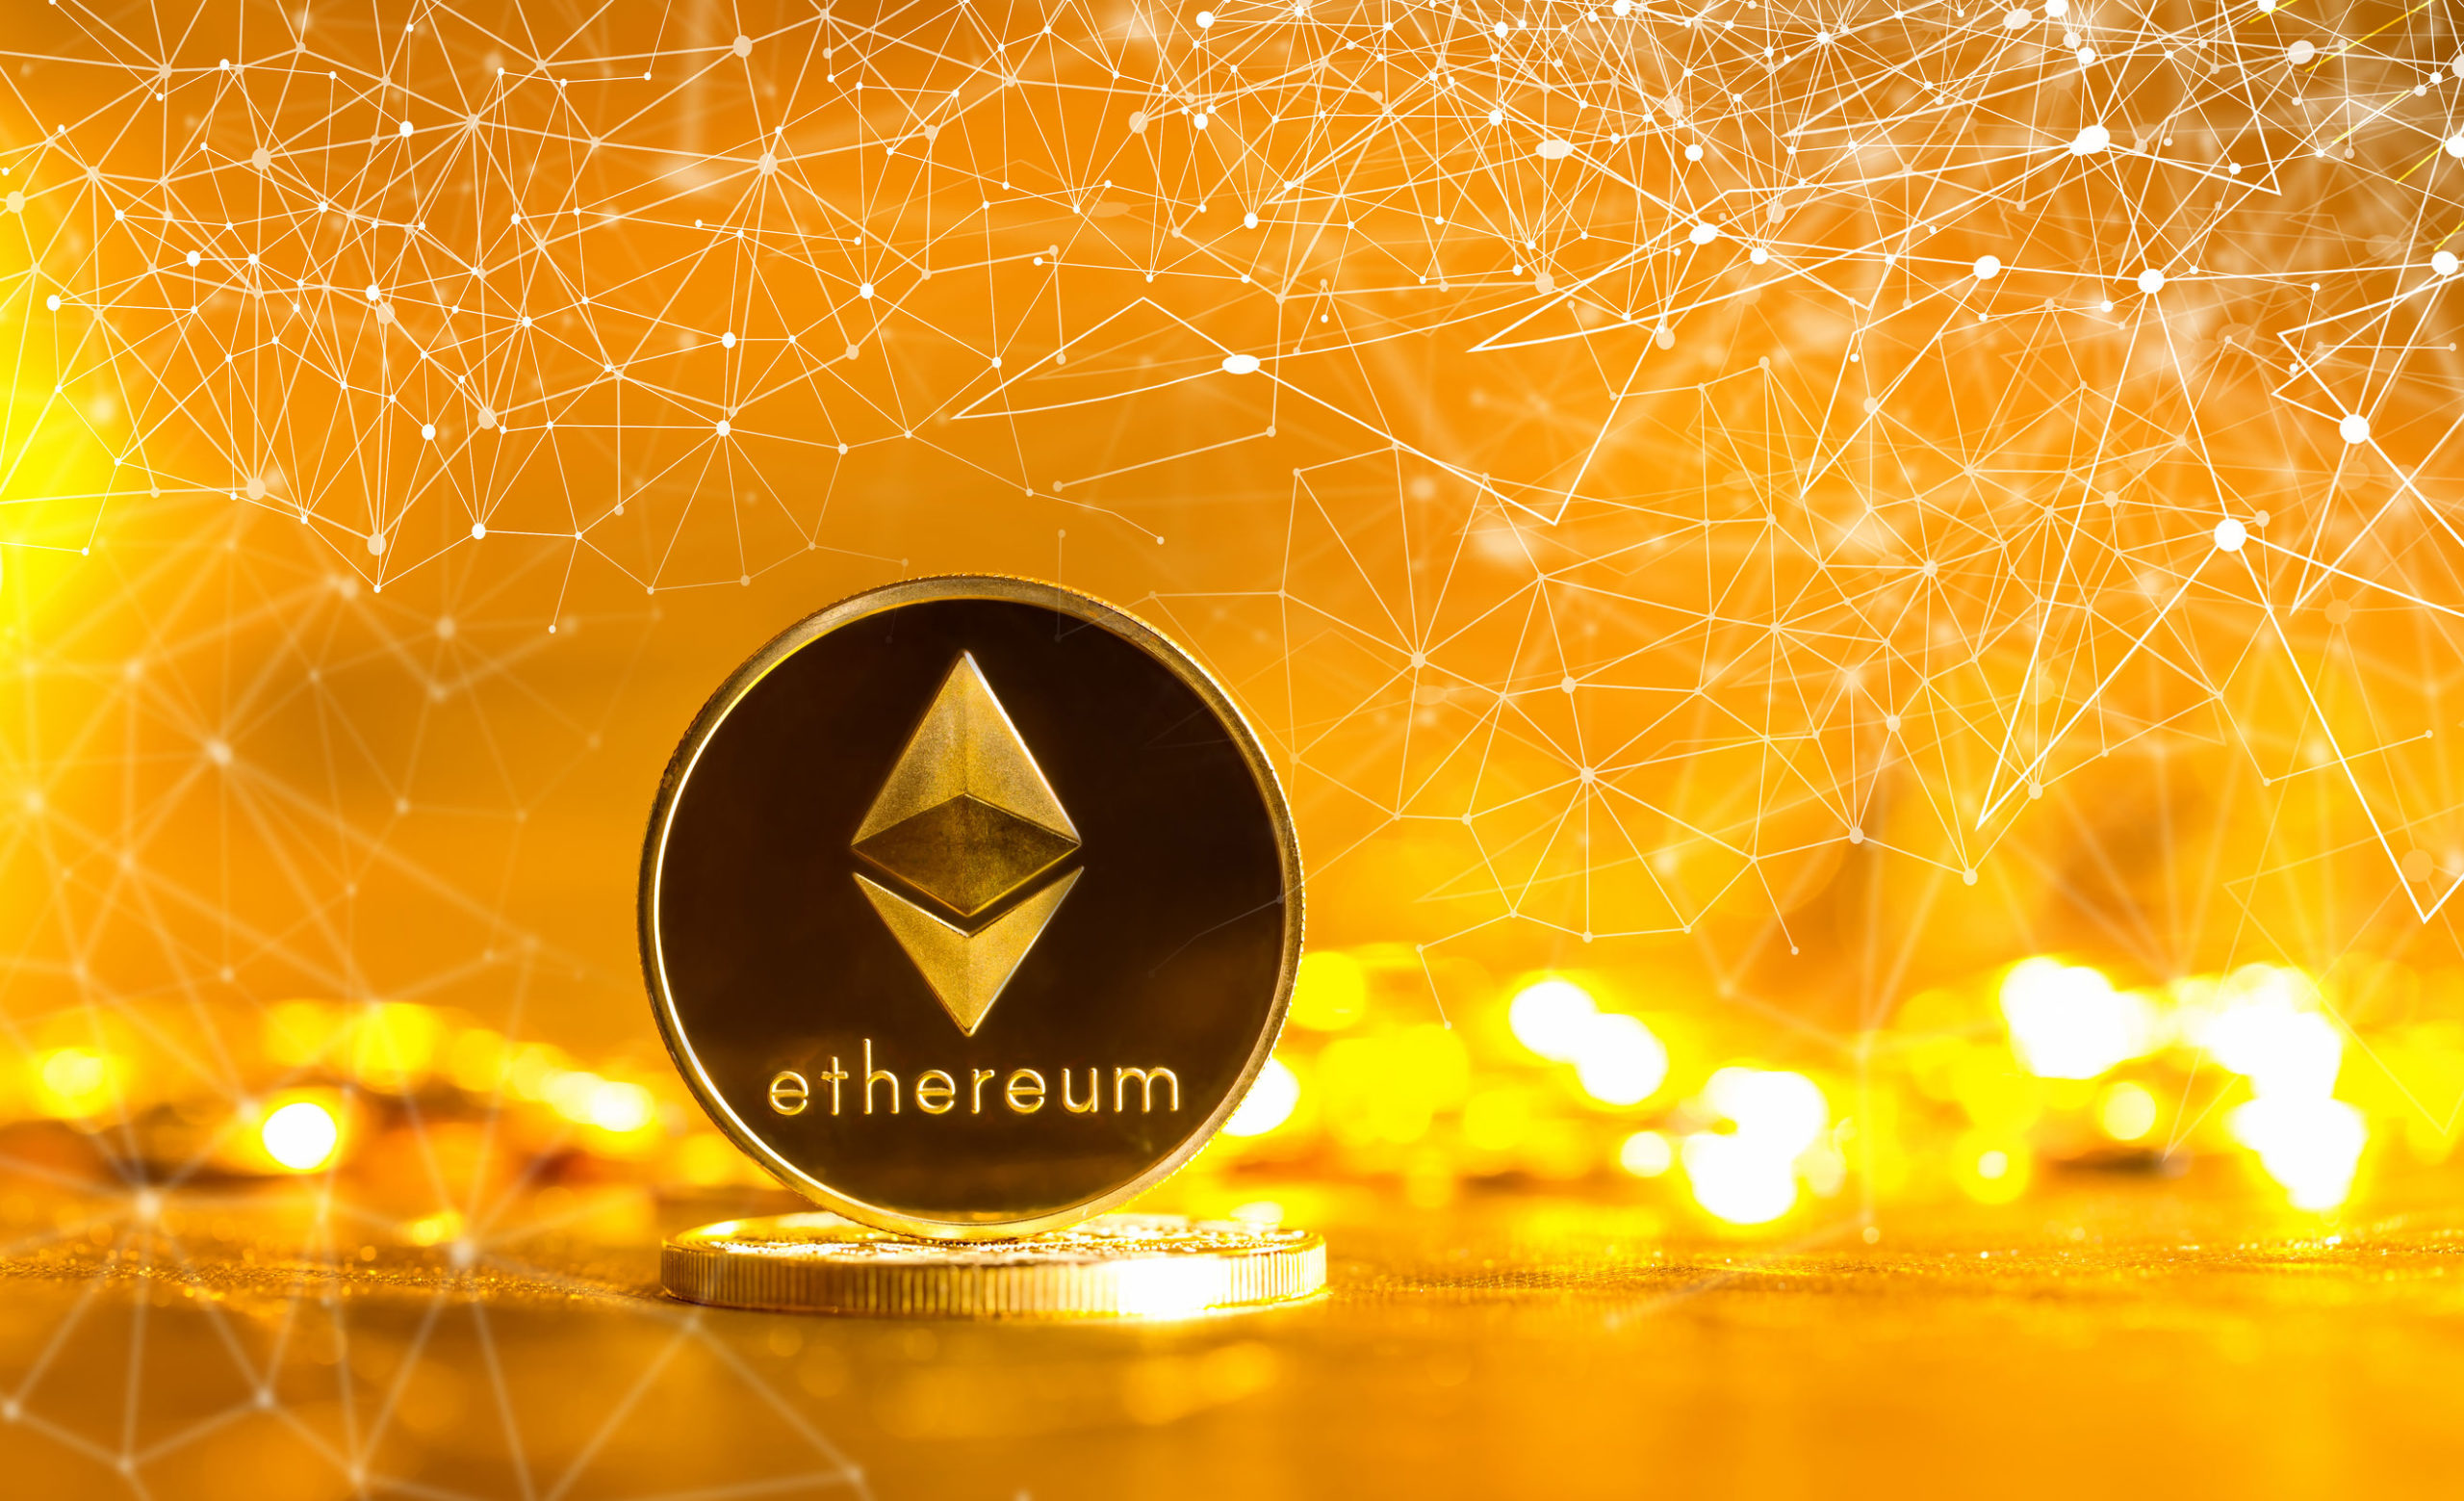 ethereum eth 423 dolar scaled